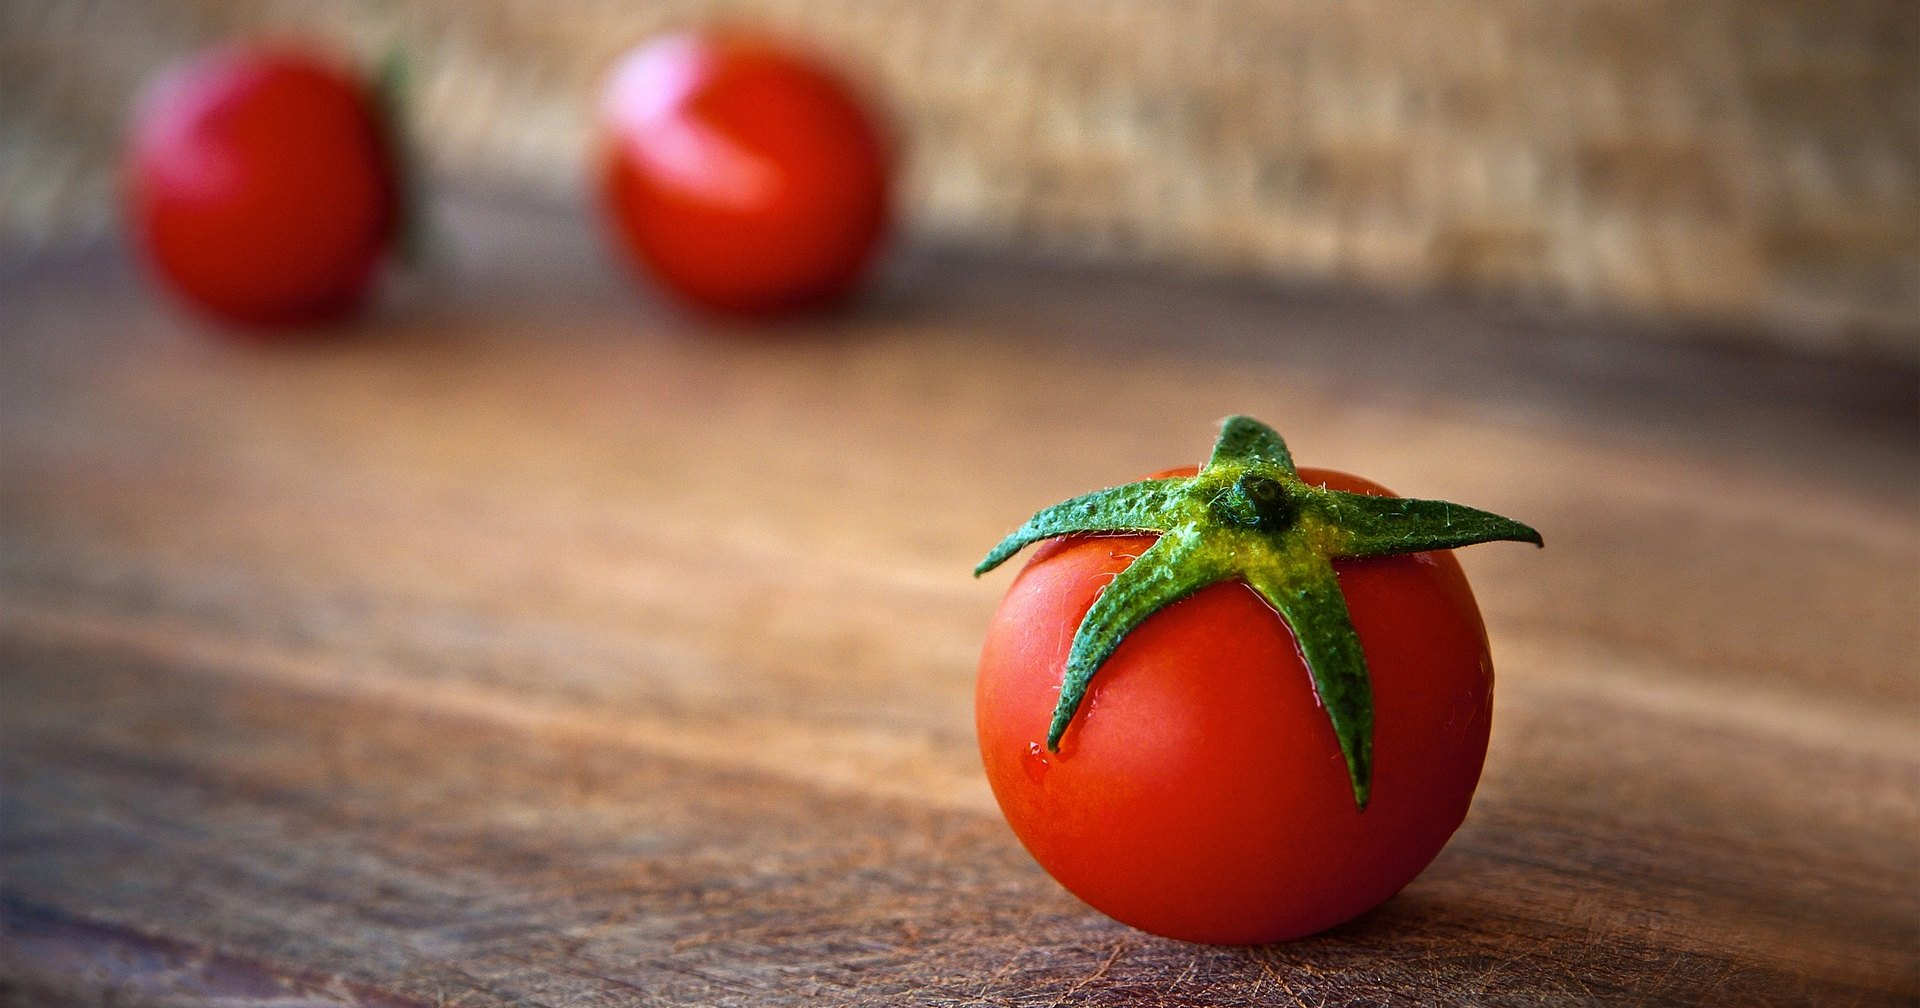 Правило пяти секунд: что на самом деле происходит с едой после падения на пол